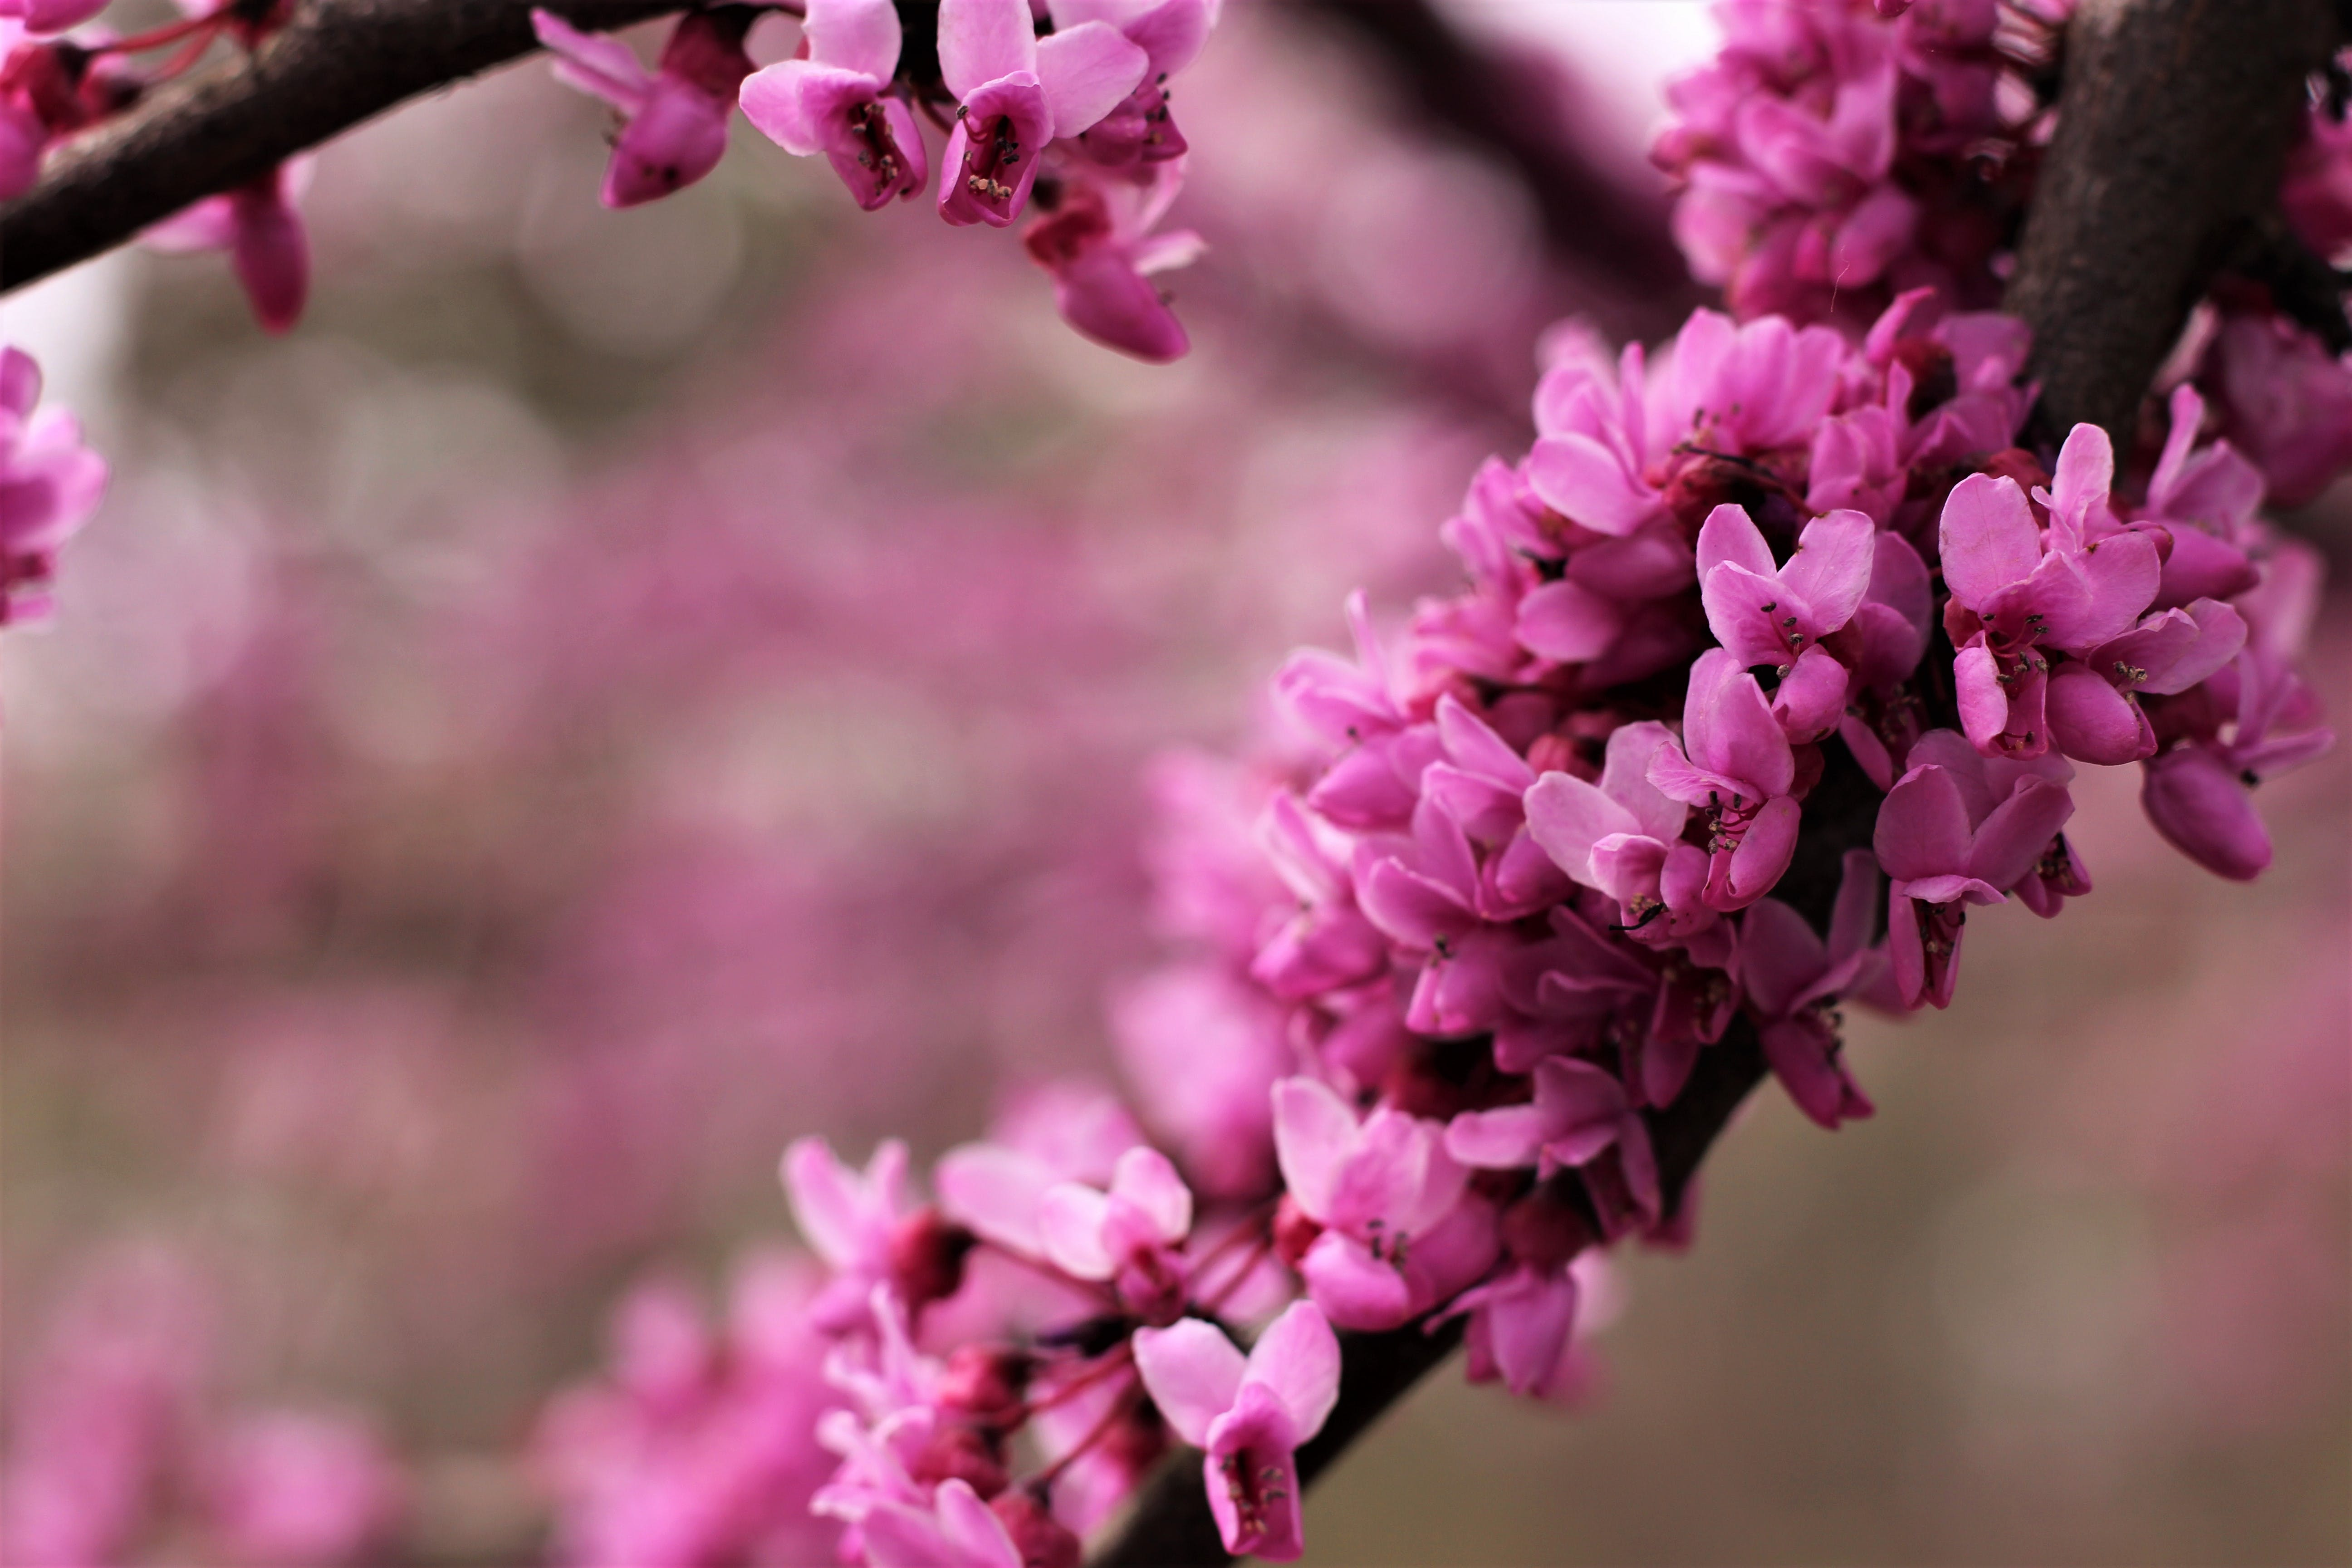 Δωρεάν στοκ φωτογραφιών με redbud, redbud λουλούδια, ανθοφορία υποκατάστημα, κλαδί δέντρου